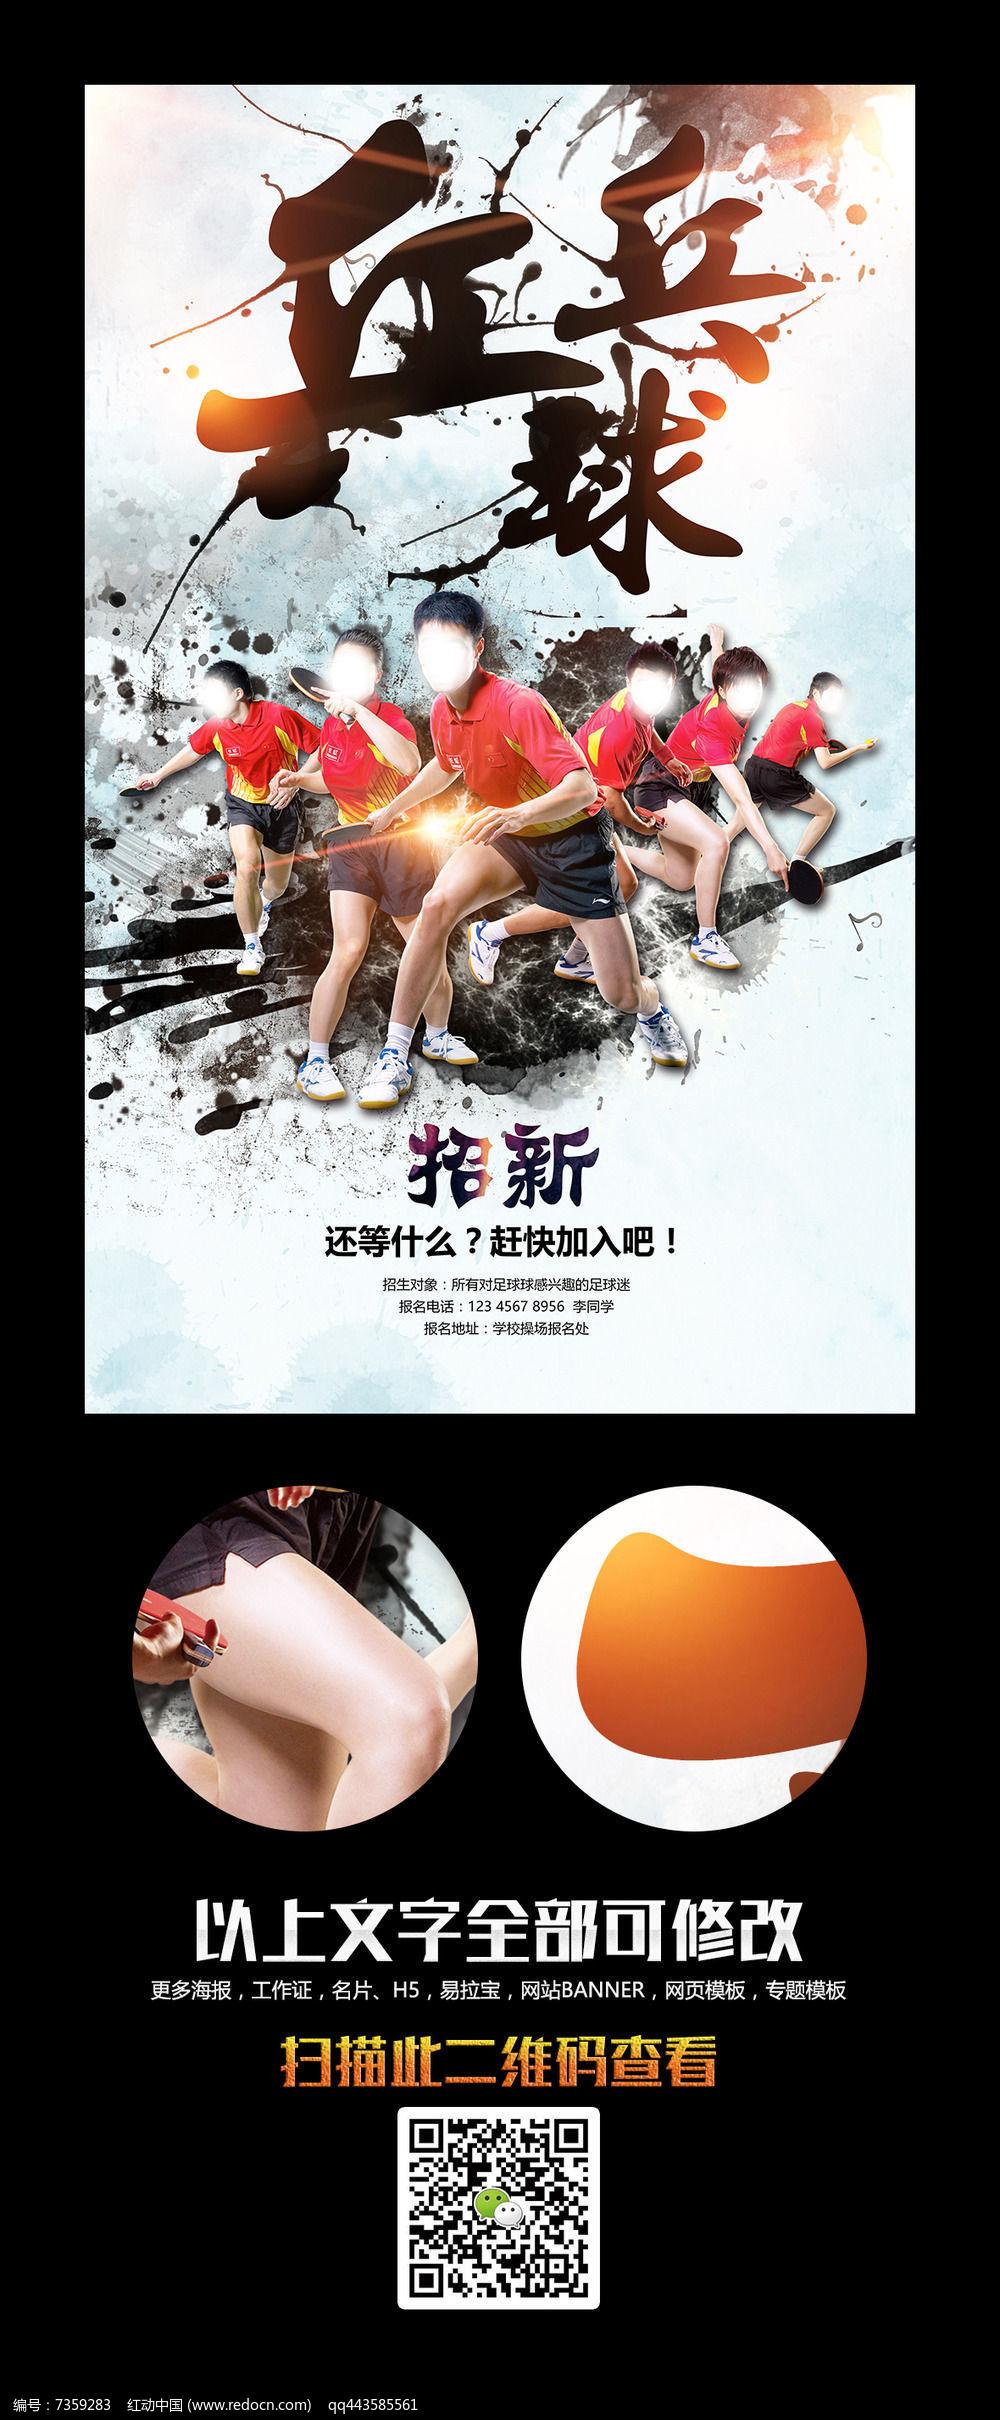 设计精品原创素材下载,您当前访问作品主题是创意乒乓球招新海报设计图片